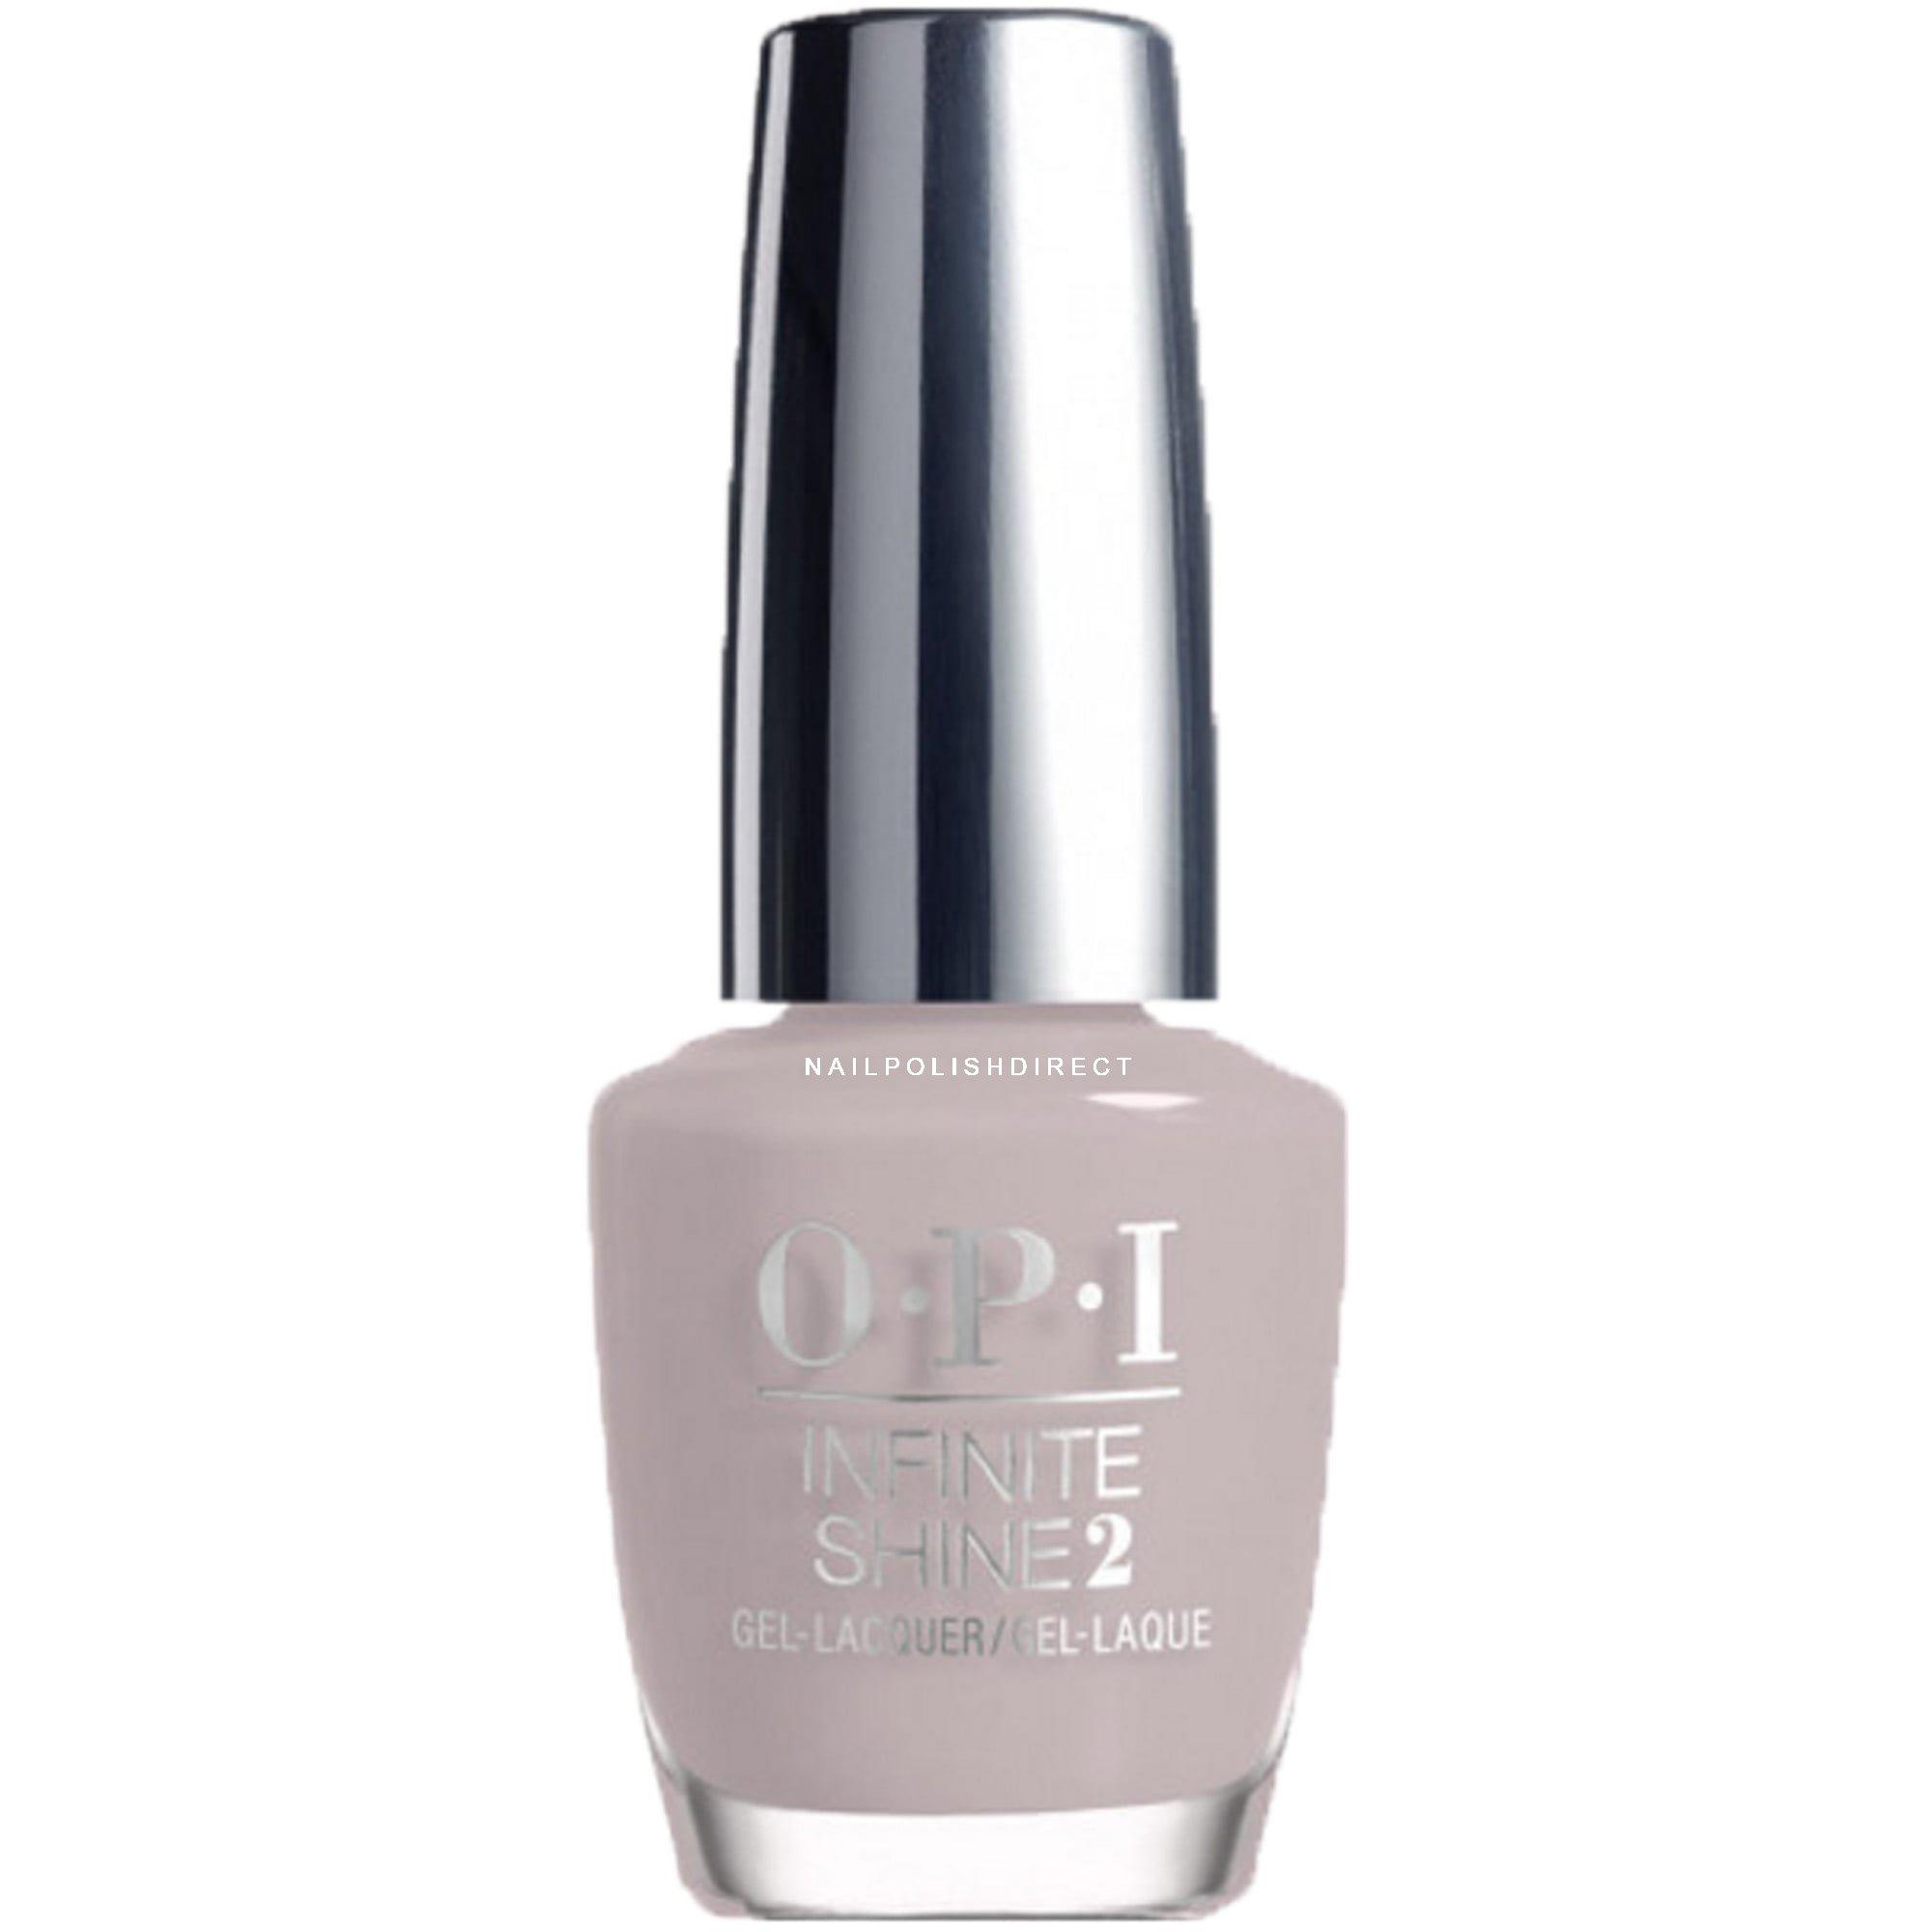 White Nail Polish in OPI, Jessica, China Glaze, Essie & CND Vinylux